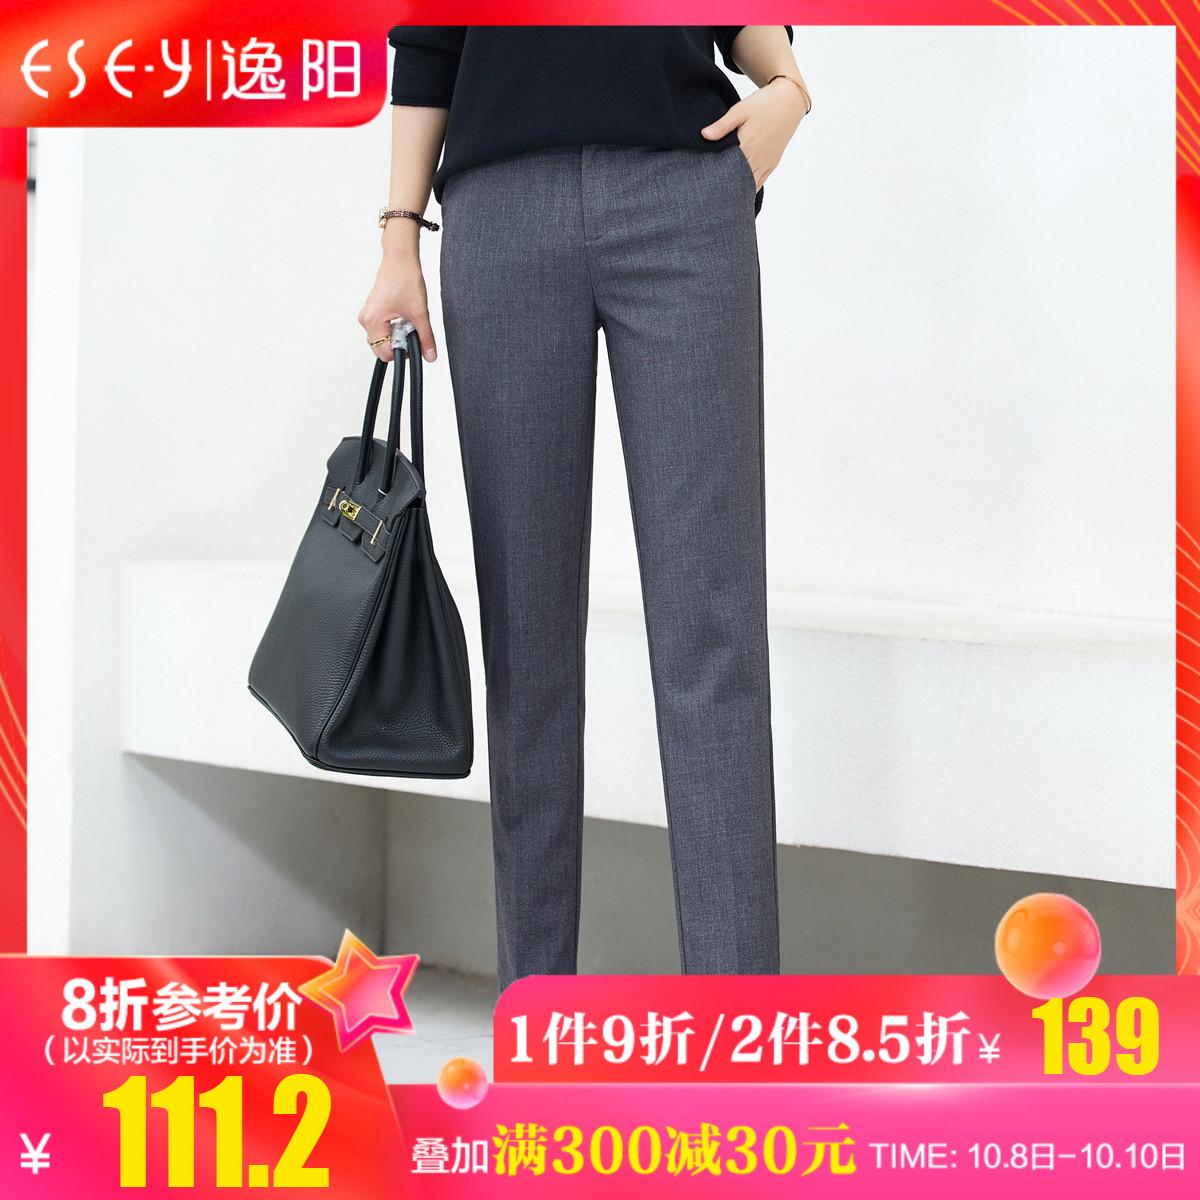 逸阳女裤2019秋款烟管韩版工装裤子需要用券